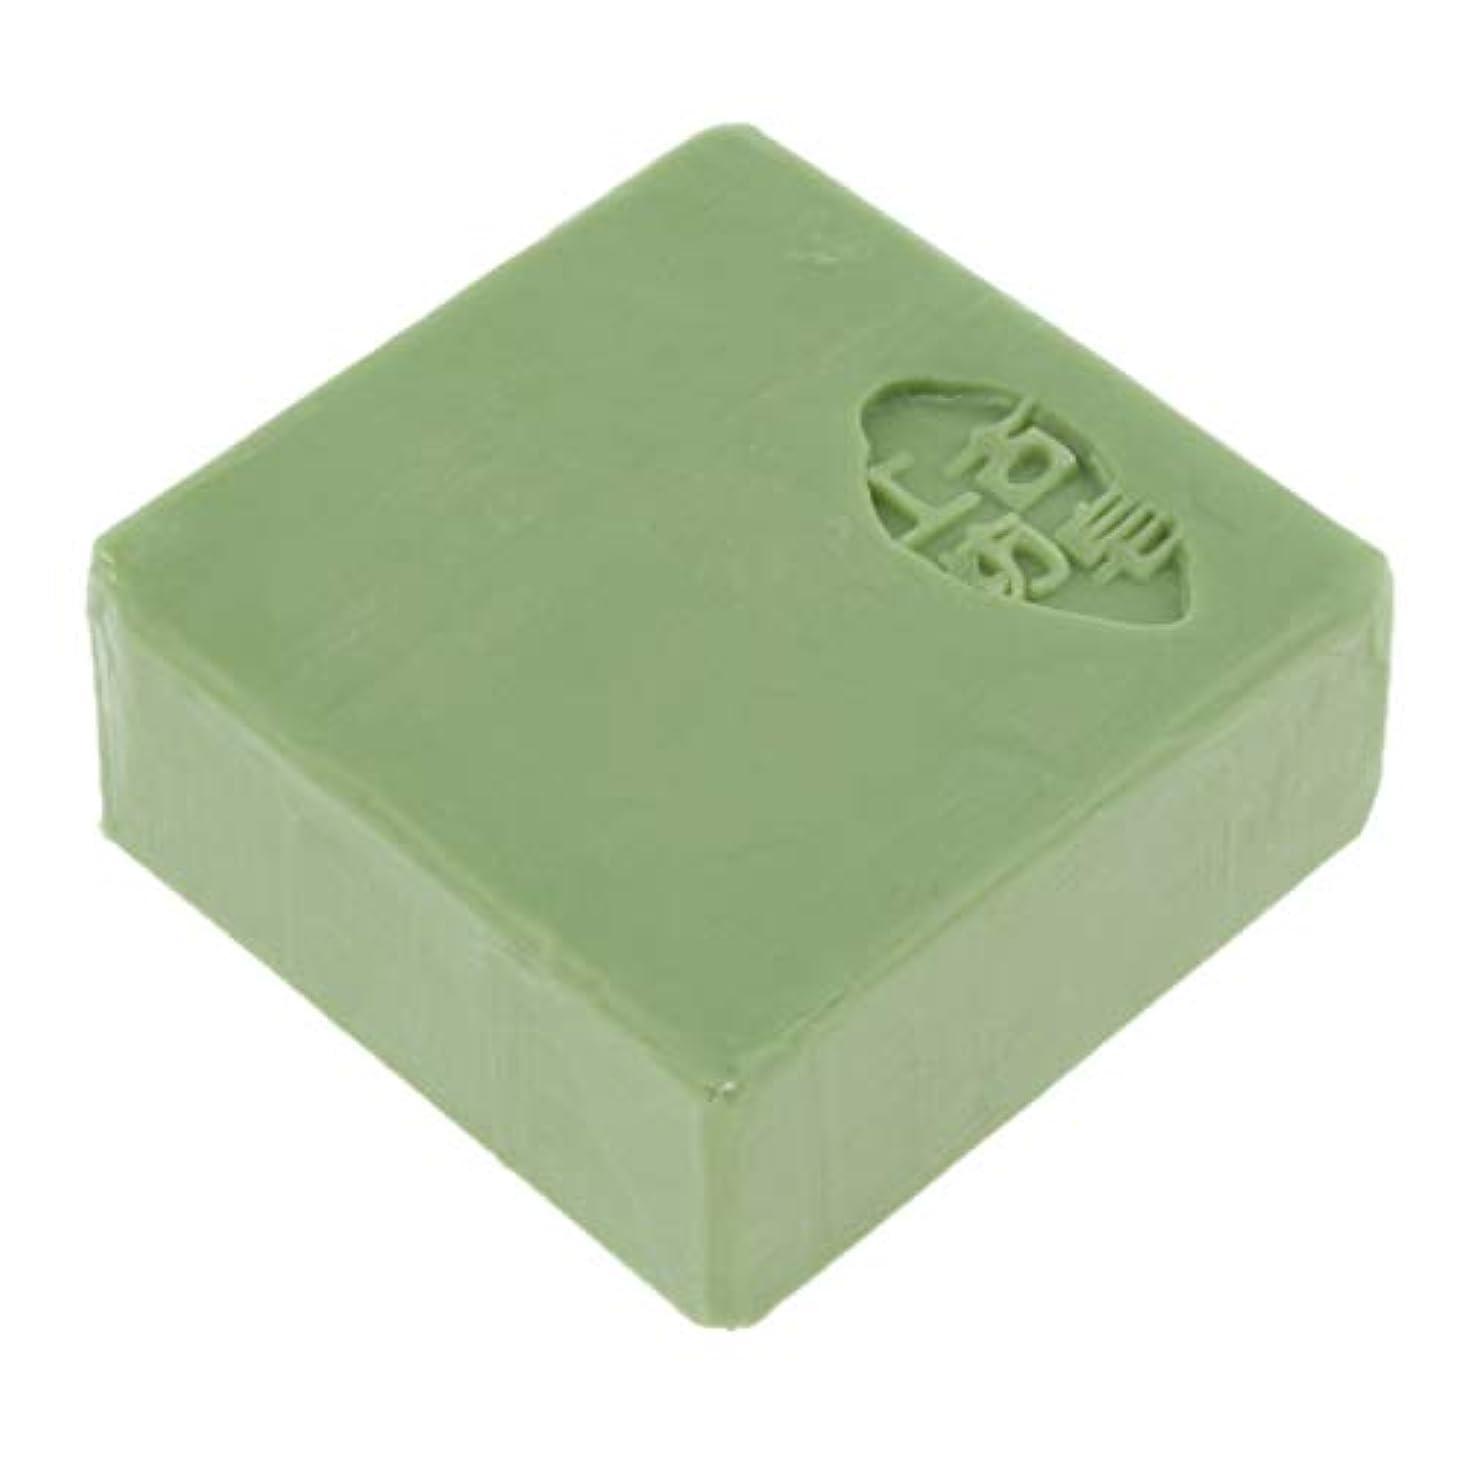 書き込み不和麻痺させるボディ フェイスソープ バス スキンケア 保湿 肌守り 全3色 - 緑